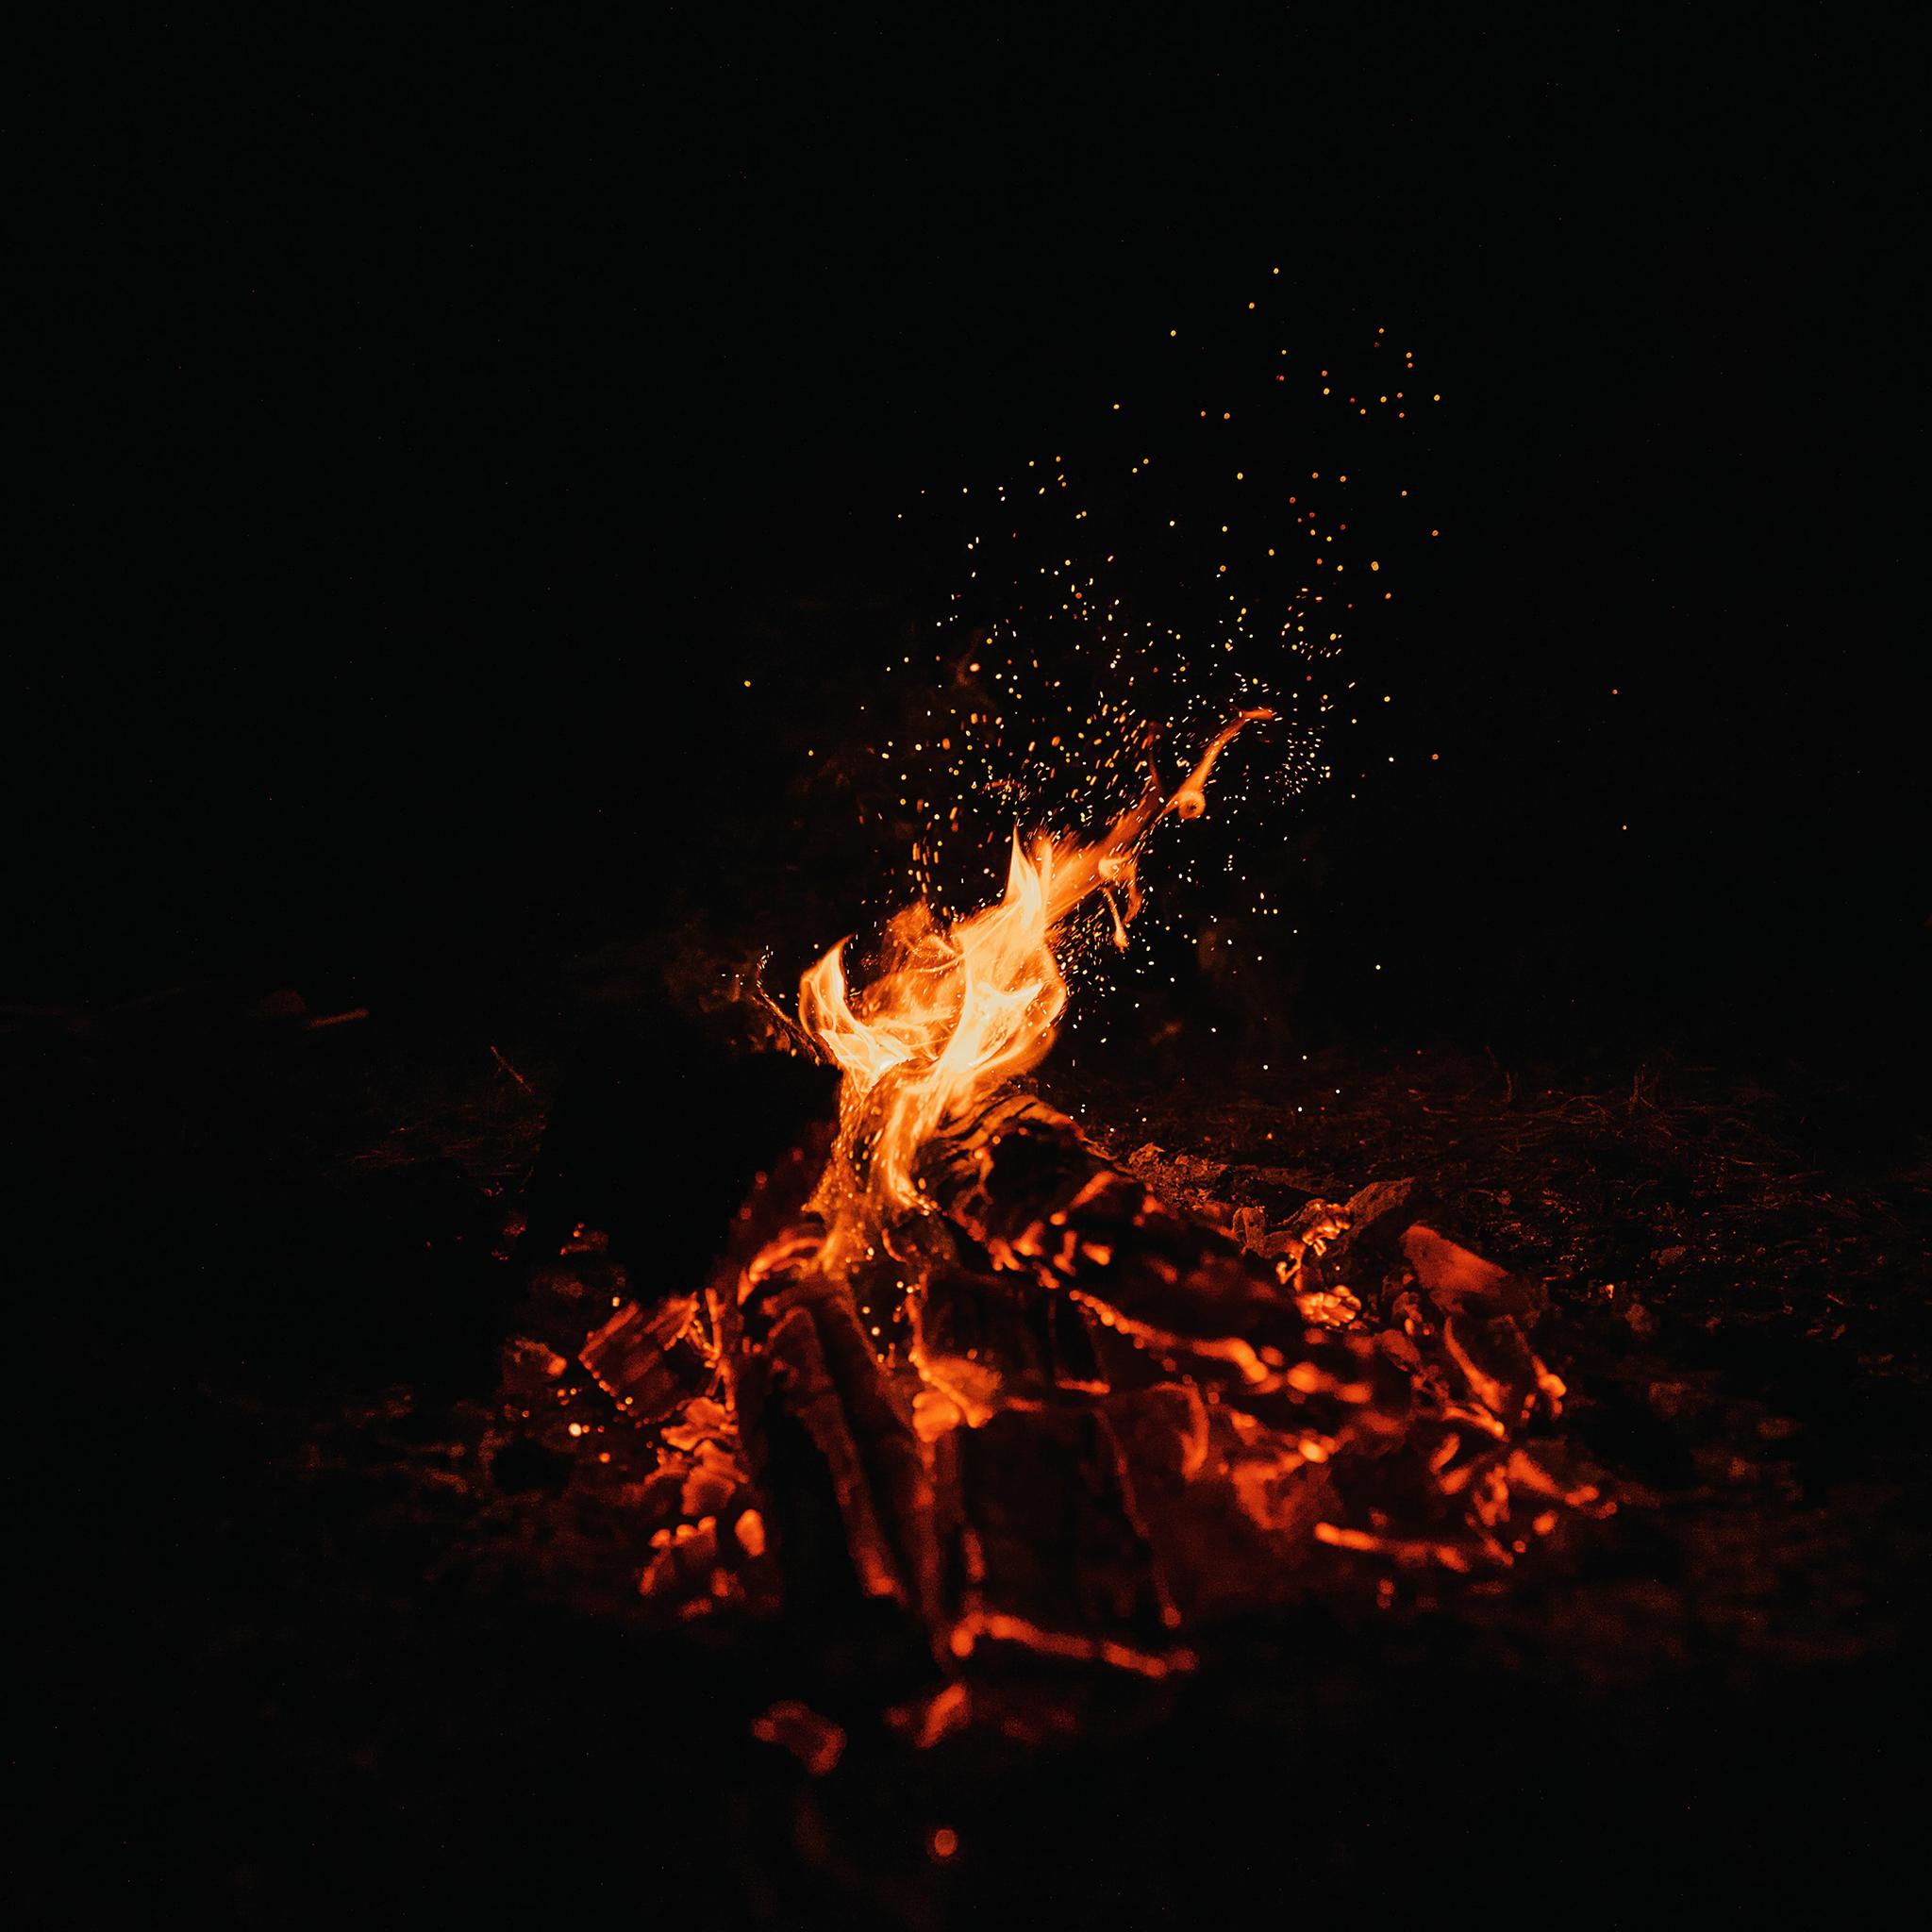 火焰火星夜晚燃烧苹果手机高清壁纸2048x2048 爱思助手